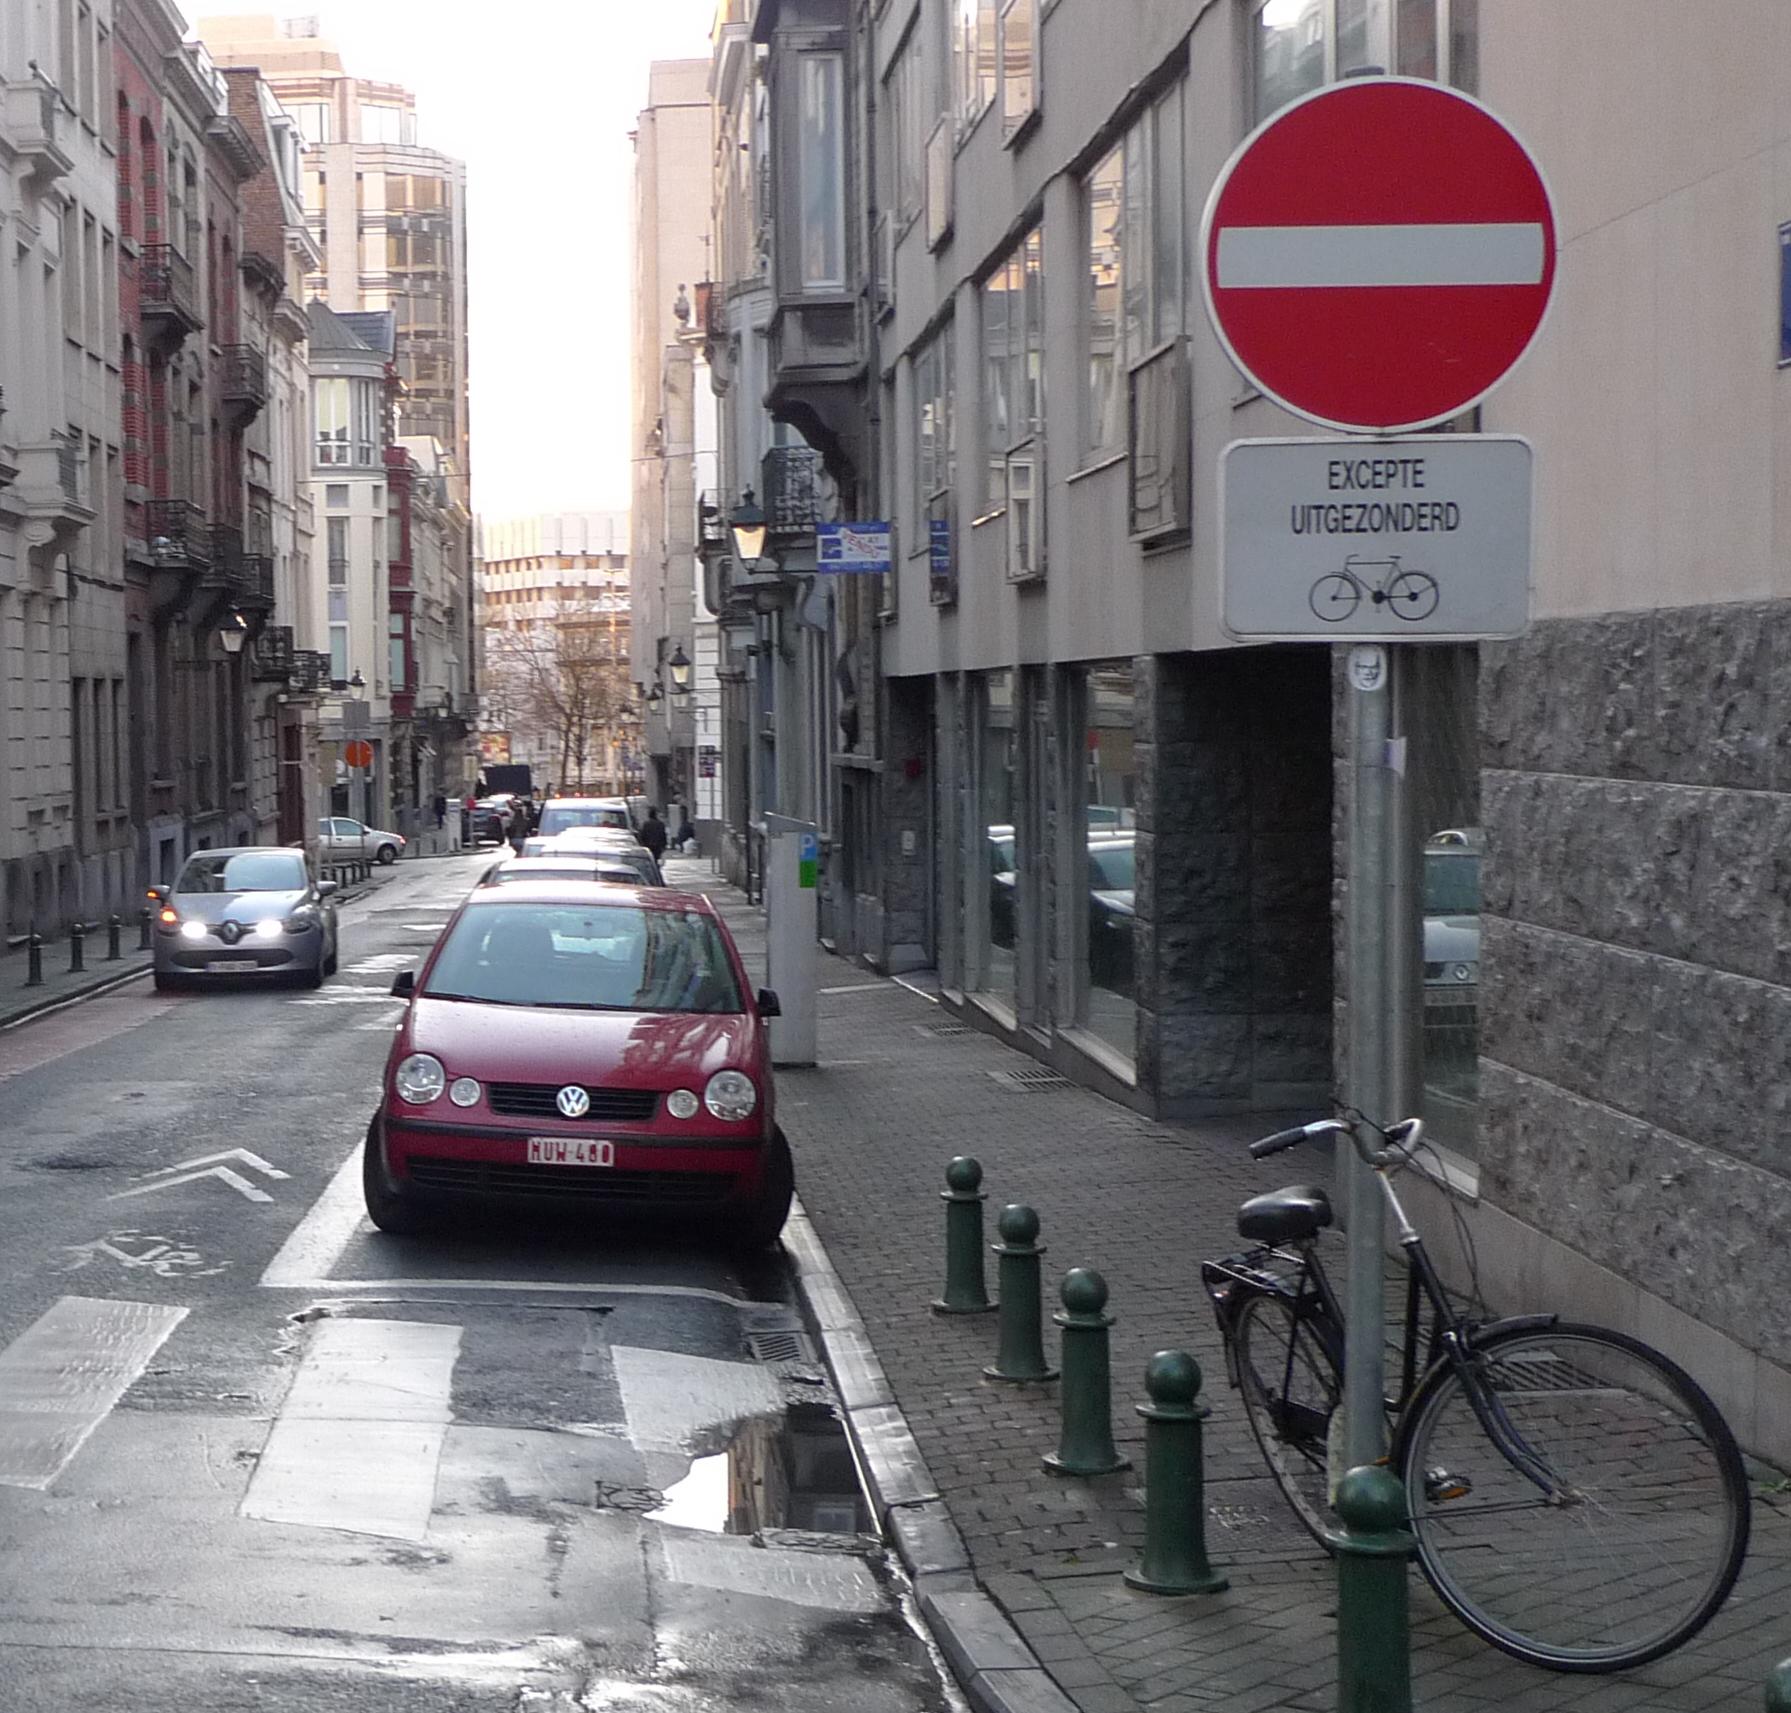 Yksisuuntaisella kadulla vastasuuntaan ajon salliva merkki Brysselissä